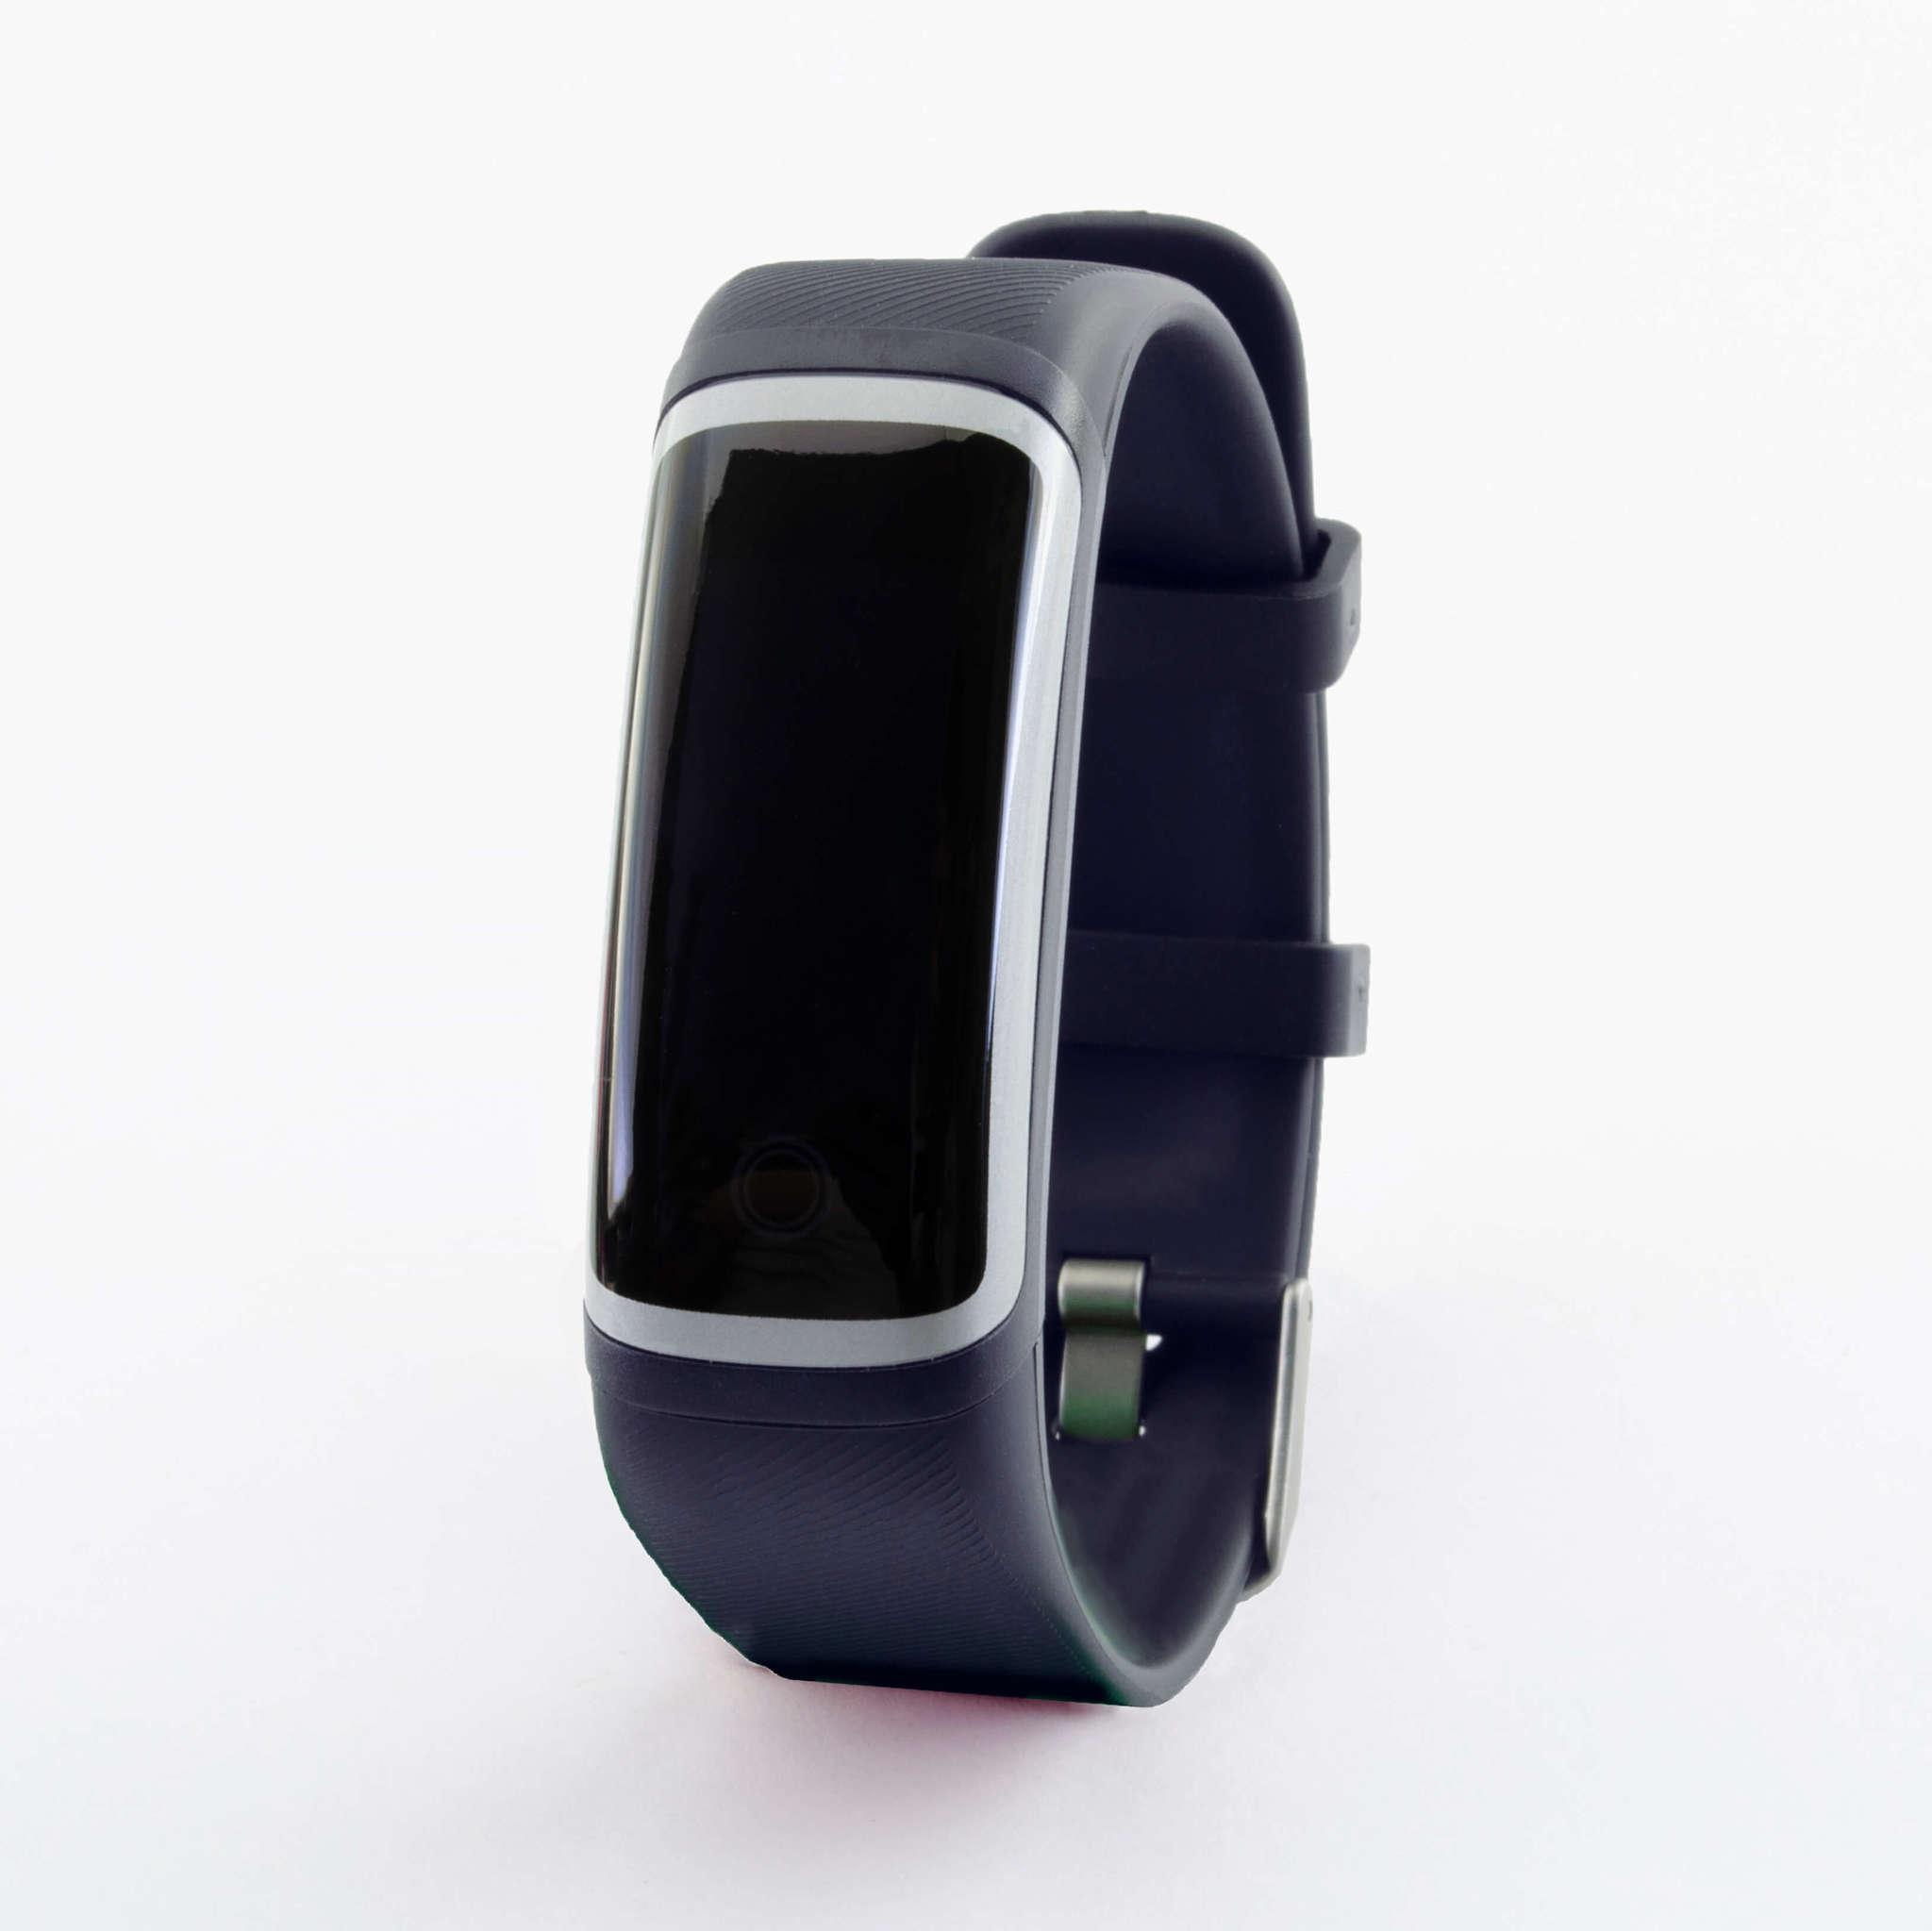 Браслет здоровья с автоматическим измерением температуры, давления, пульса и кислорода Health Band №4 (сине-серебристый)